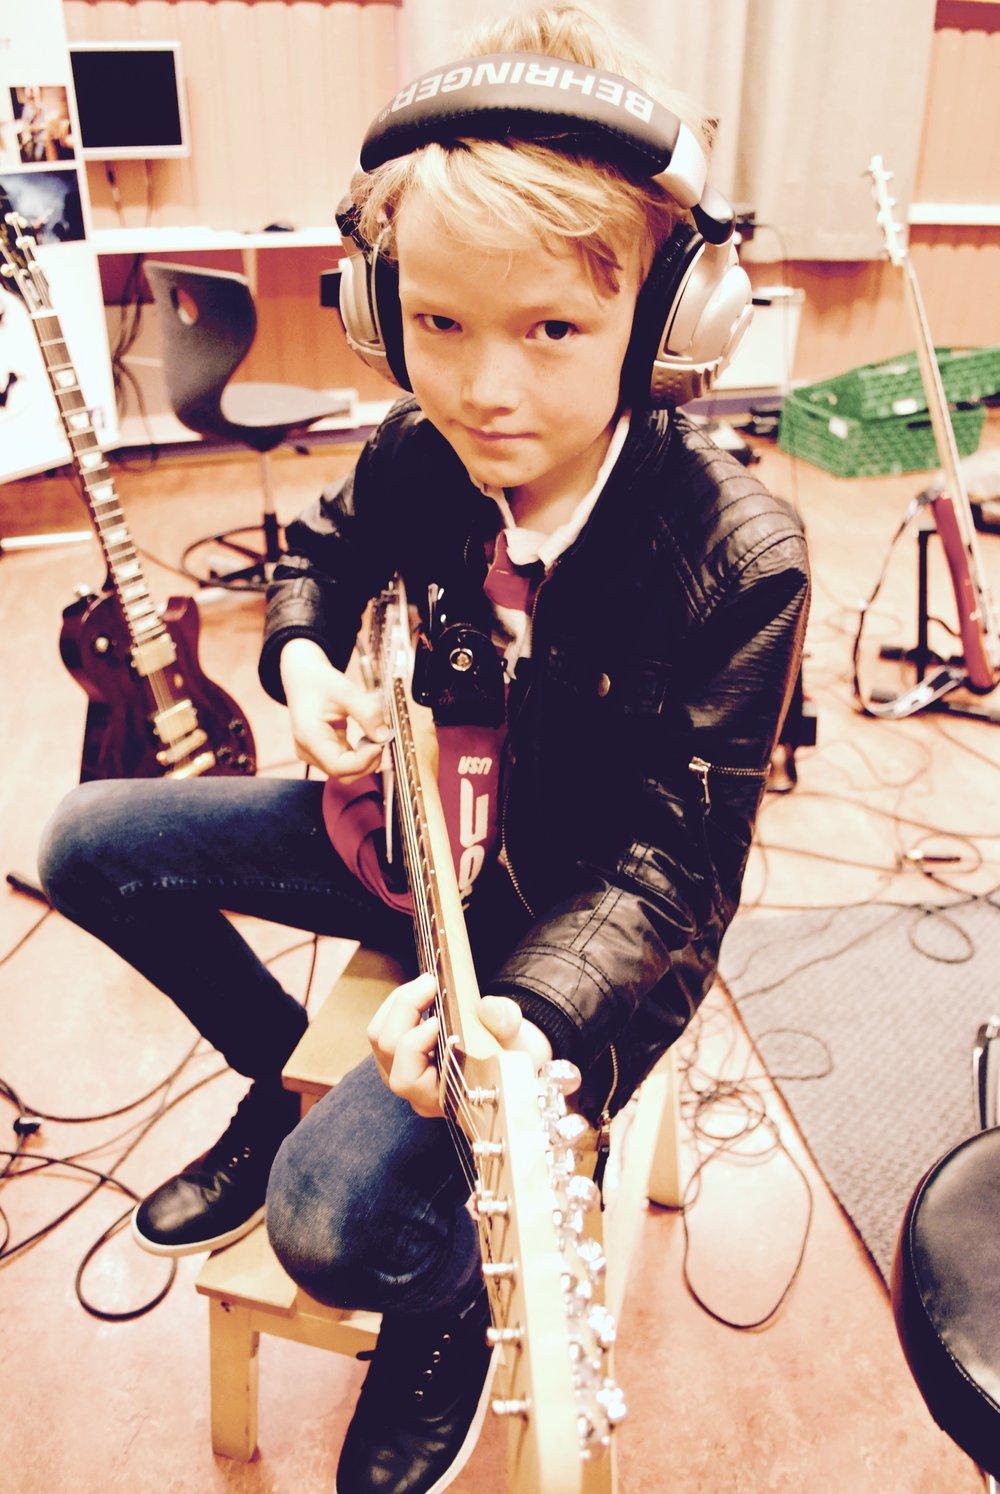 Feedback Studios - Her har du mulighet til å bli bedre på instrumentet ditt, helt privat med lærer,vi har også ett flott musikkmiljø om du skulle ønske å ta steget til å ta ett kurs, samspill eller ett av våre spesialkurs.